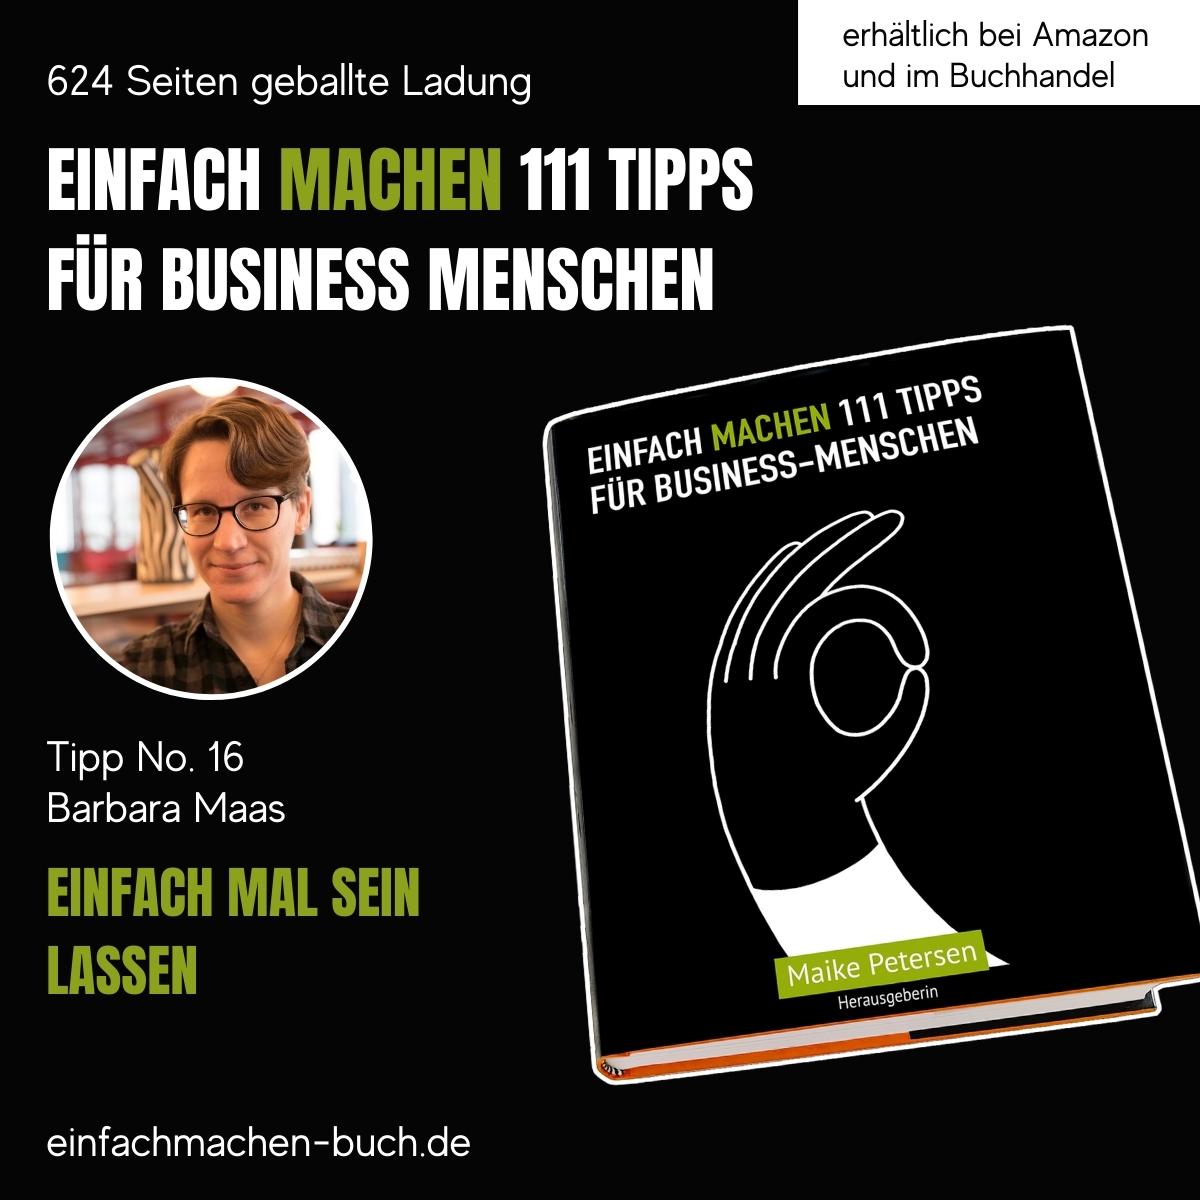 EINFACH MACHEN 111 TIPPS FÜR BUSINESS-MENSCHEN | Tipp No. 16 Barbara Maas